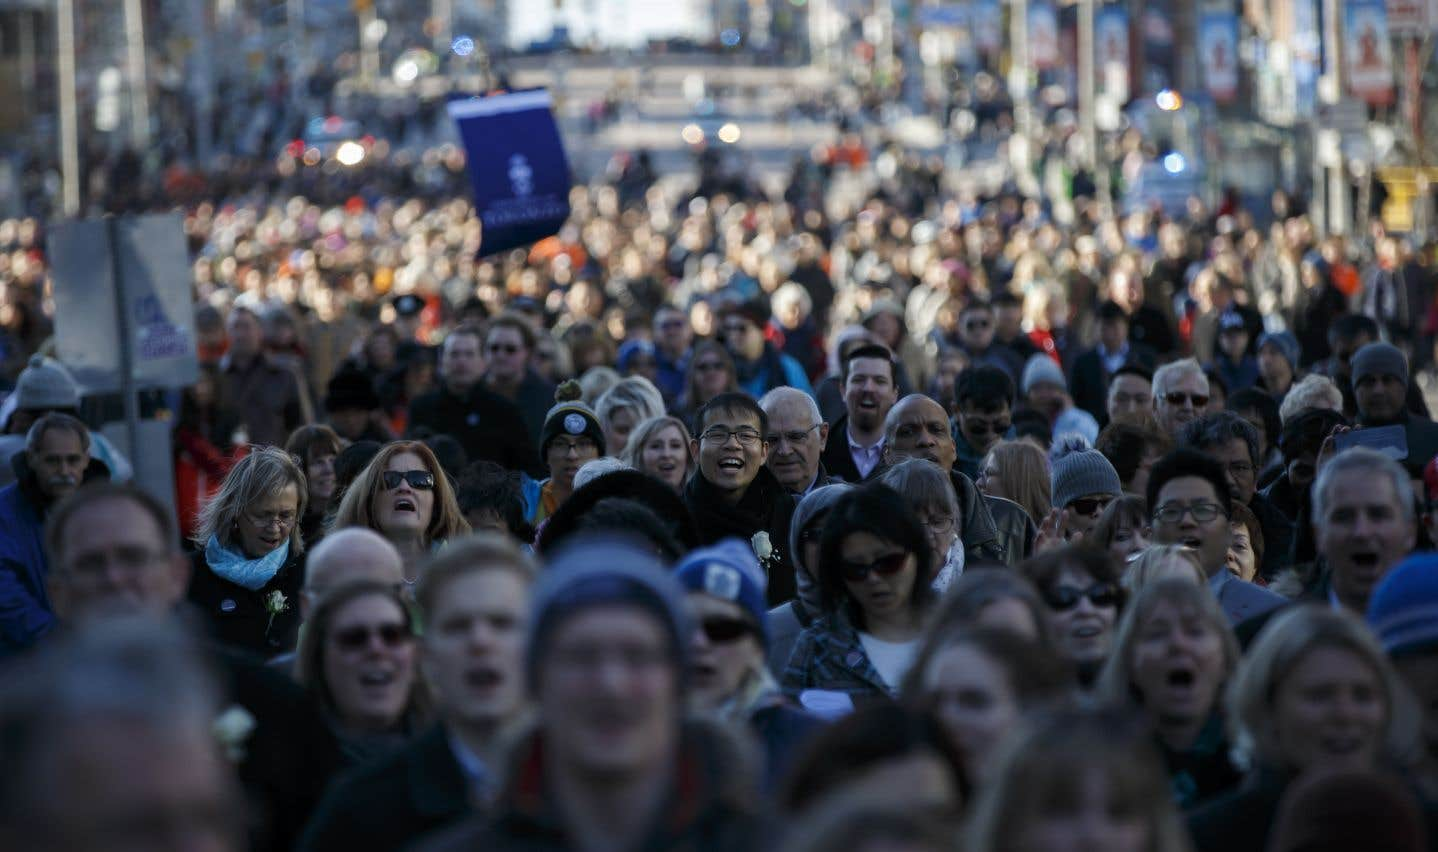 Des milliers de personnes se sont rassemblées dimanche en mémoire des victimes de l'attaque de Toronto, lors d'une «marche de guérison et de solidarité.» Elles ont suivil'itinéraire du véhicule qui a fauché plusieurs piétons lundi, en tuant 10 et en blessant 16 autres.